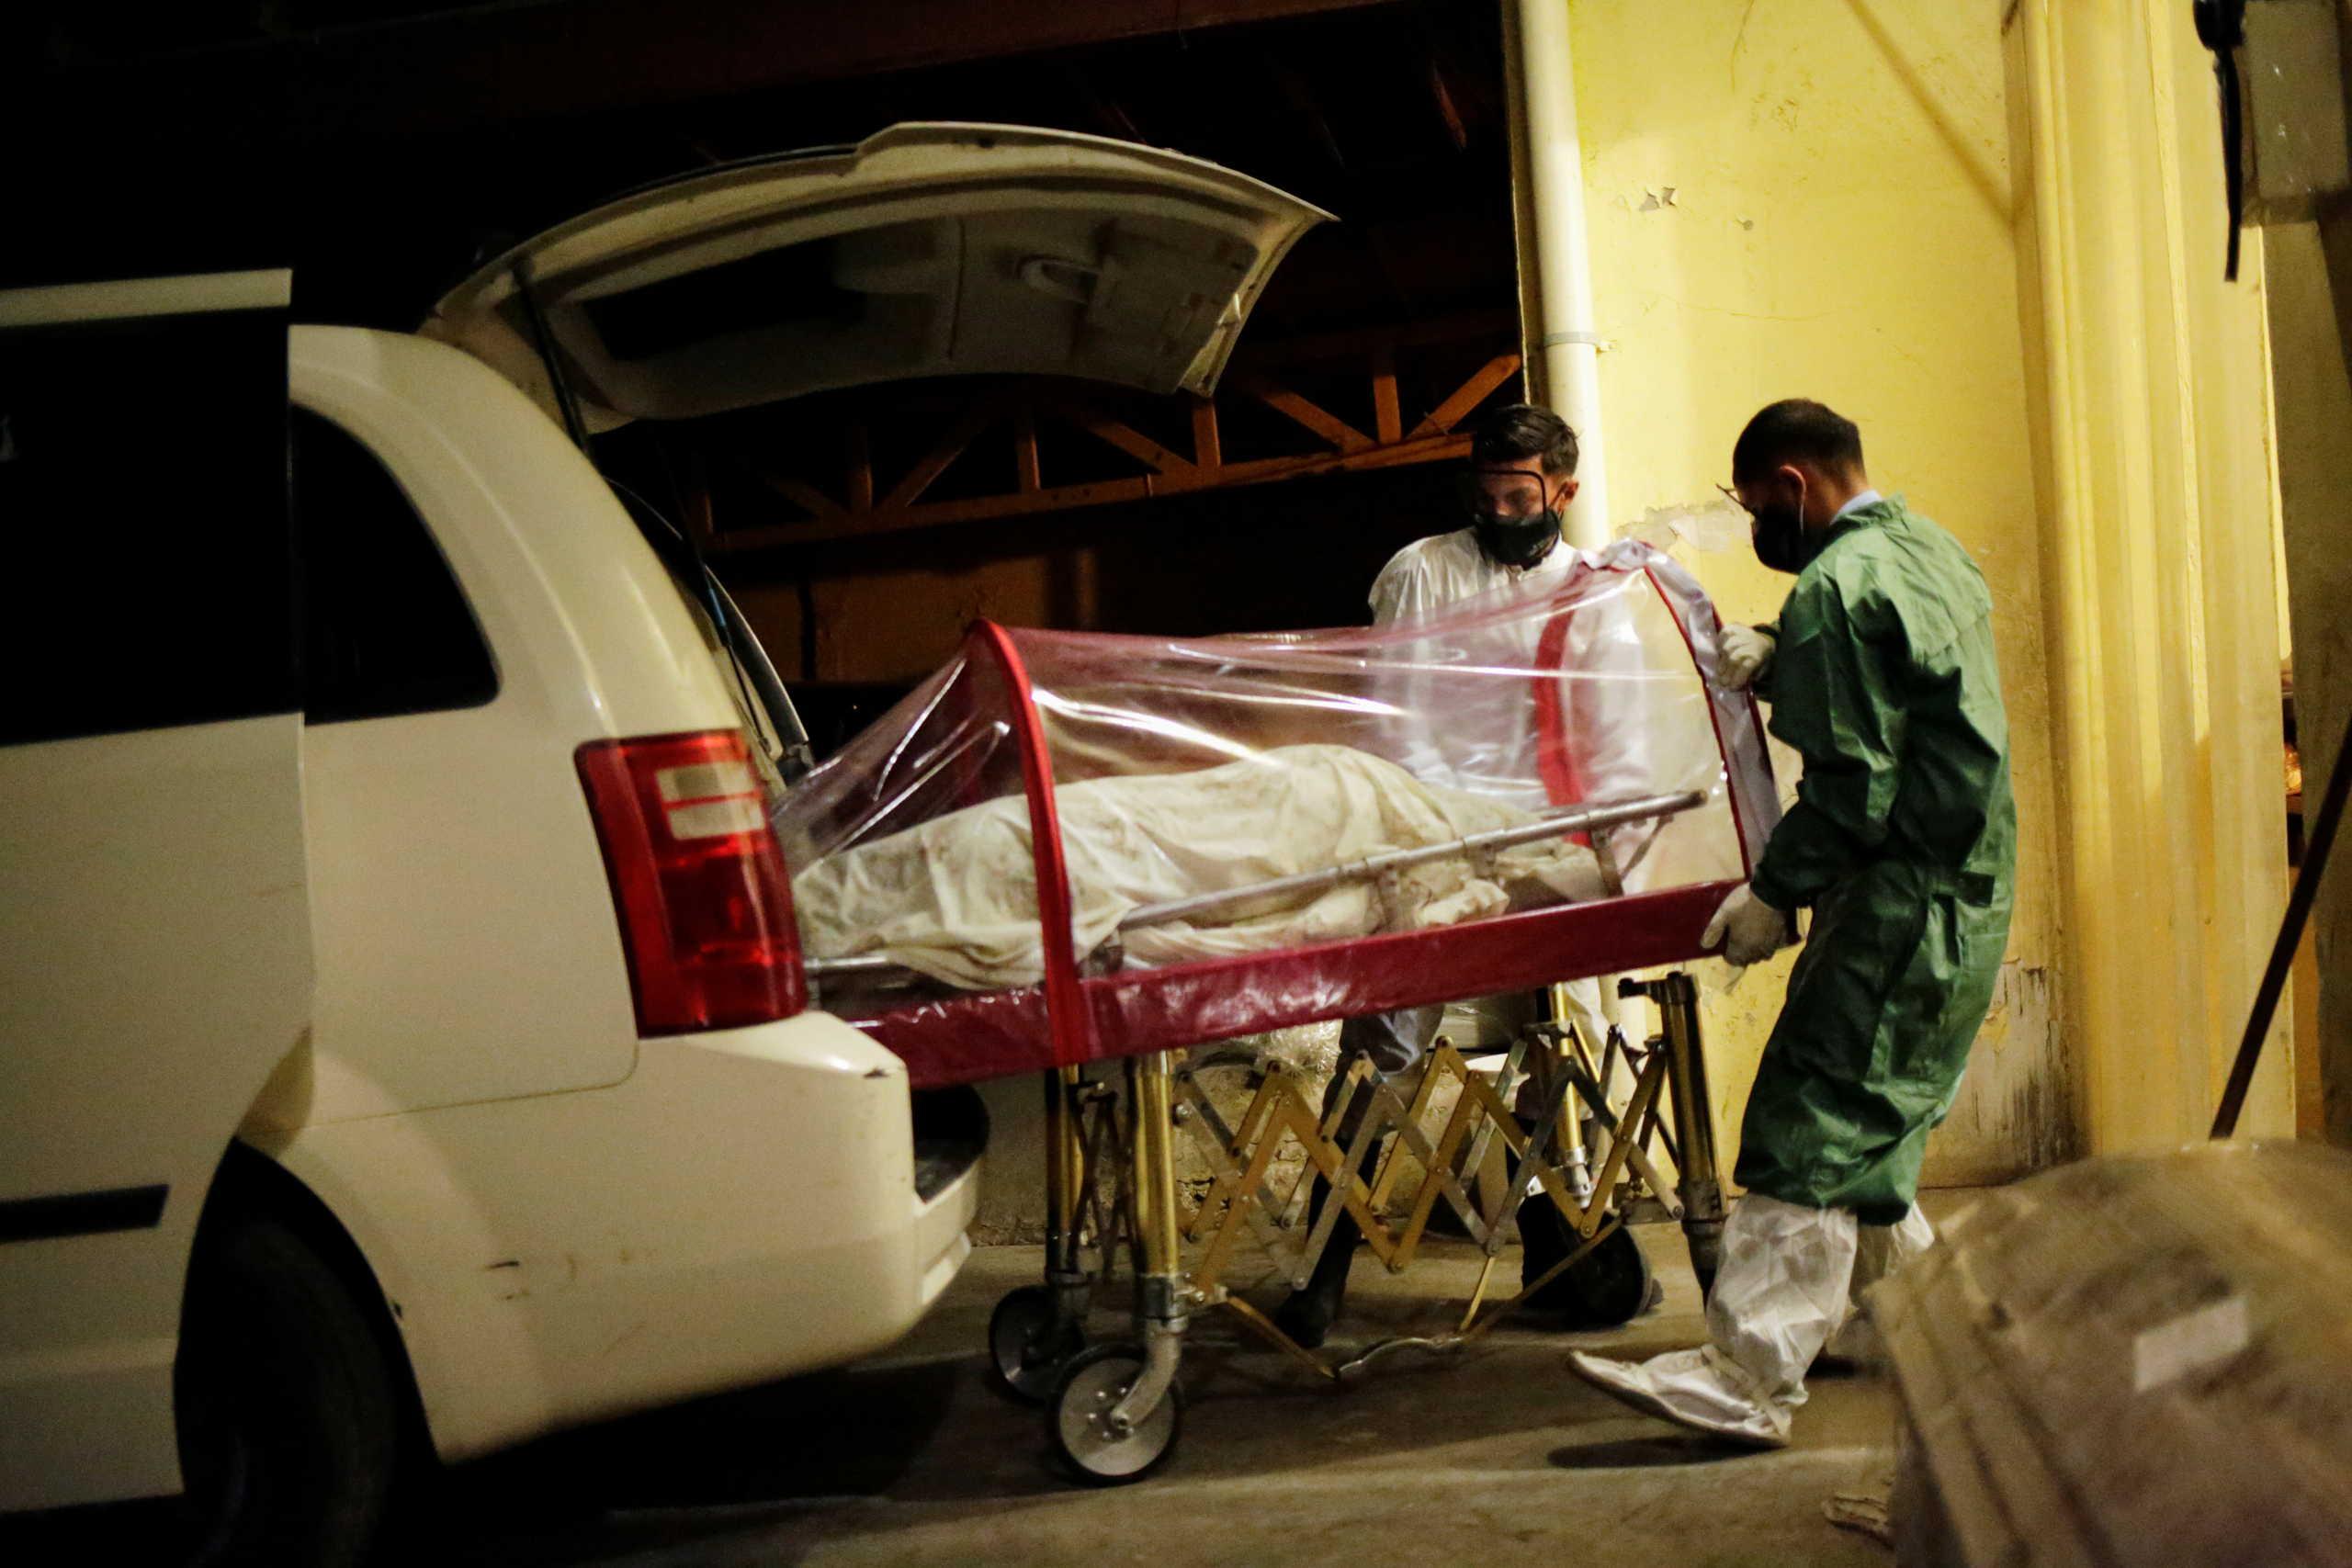 Μεξικό: 5.931 νέα κρούσματα κορονοϊού και 551 νεκροί σε ένα 24ωρο